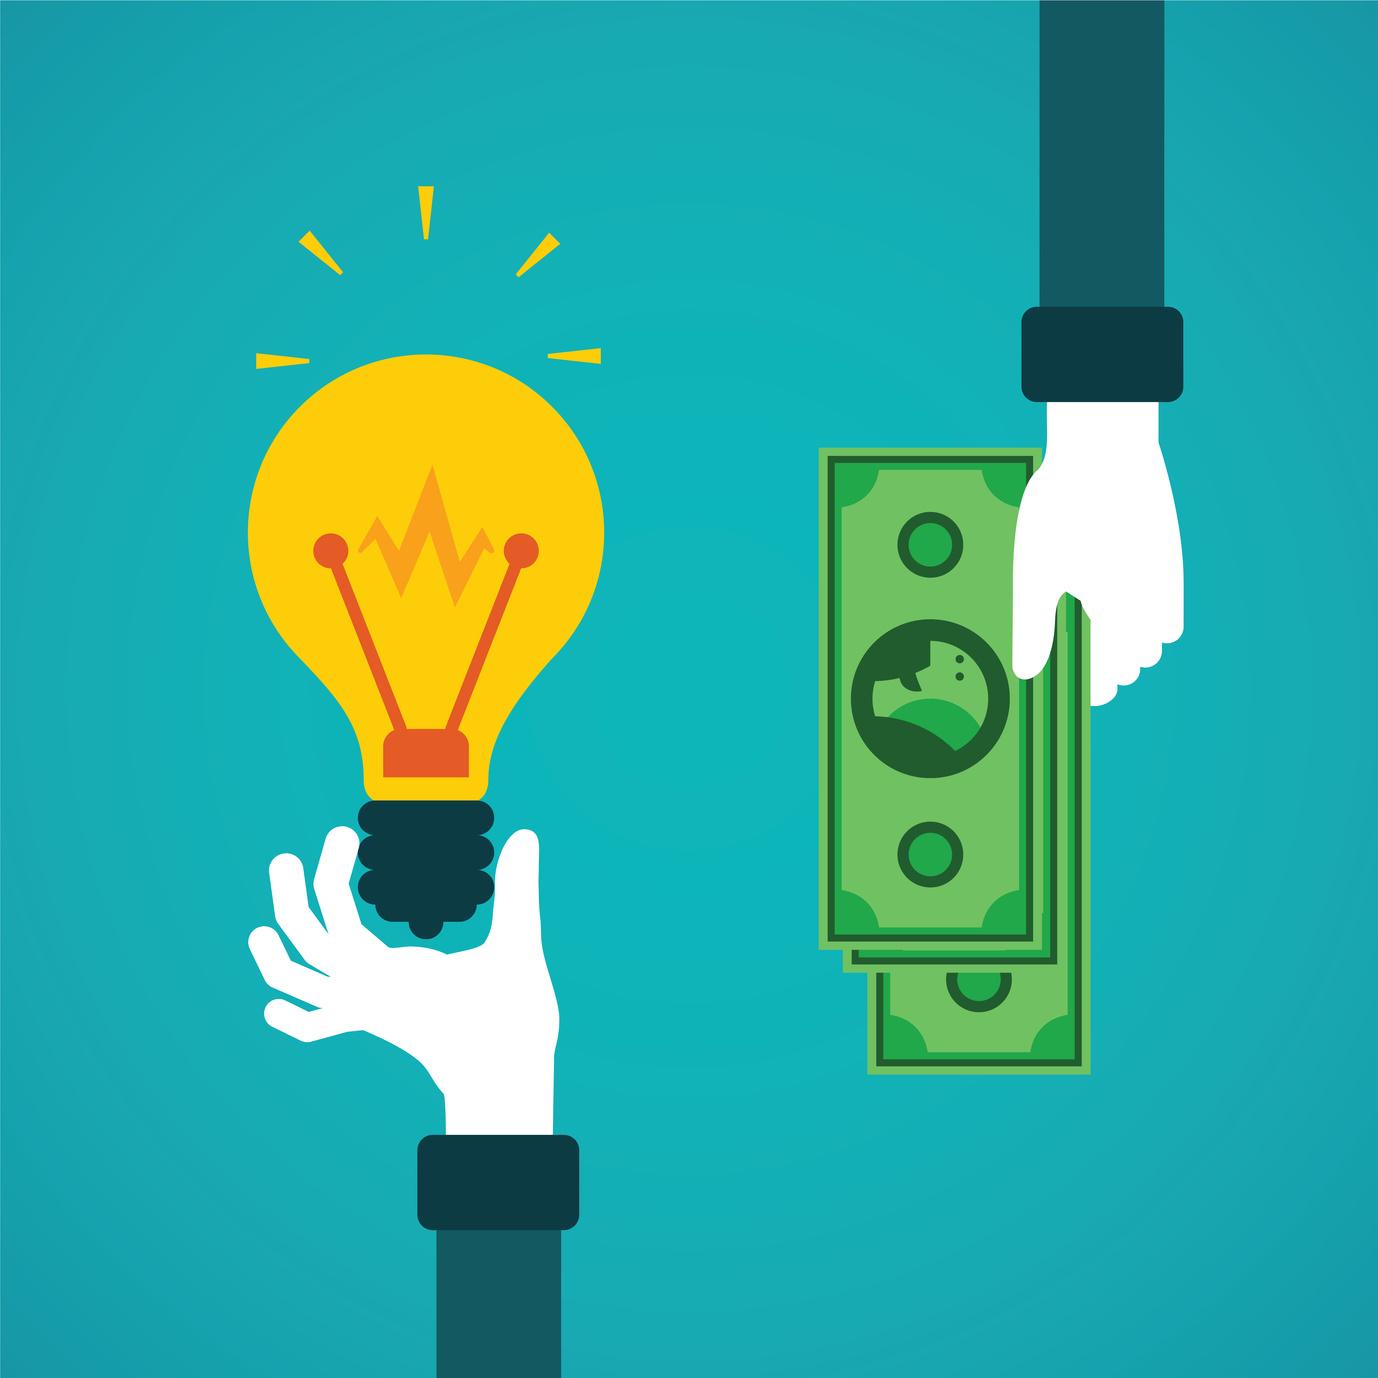 保险技术公司Betterview在全国范围内的投资感觉更好